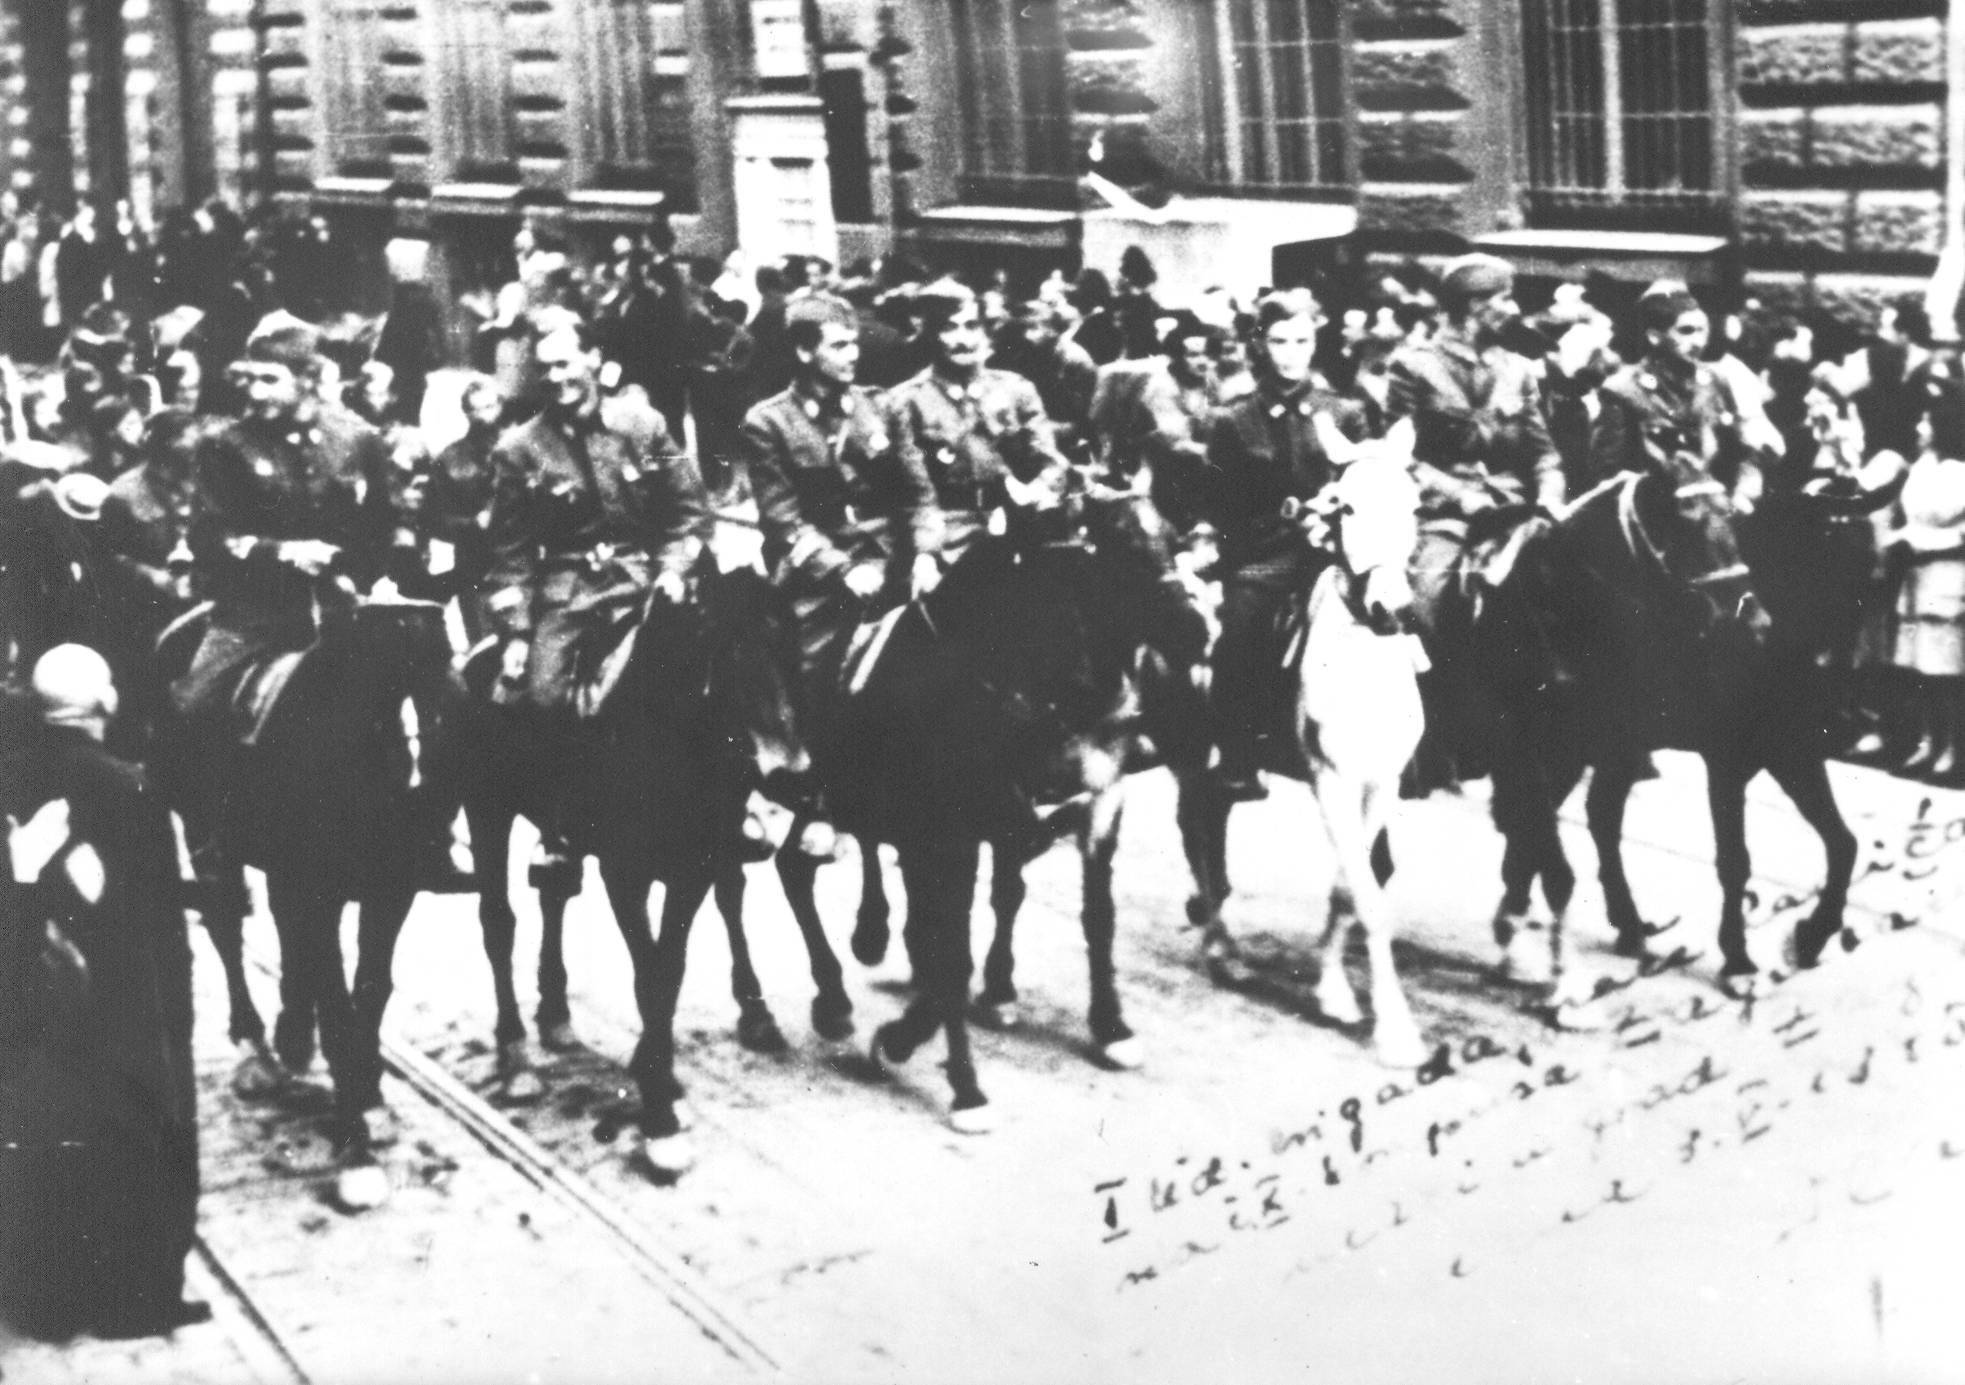 """Partizani Prve udarne brigade """"Braća Radić"""" na čelu 10. korpusa ulaze u oslobođeni Zagreb 9. svibnja 1945. (Izvor: commons.wikimedia.org)"""